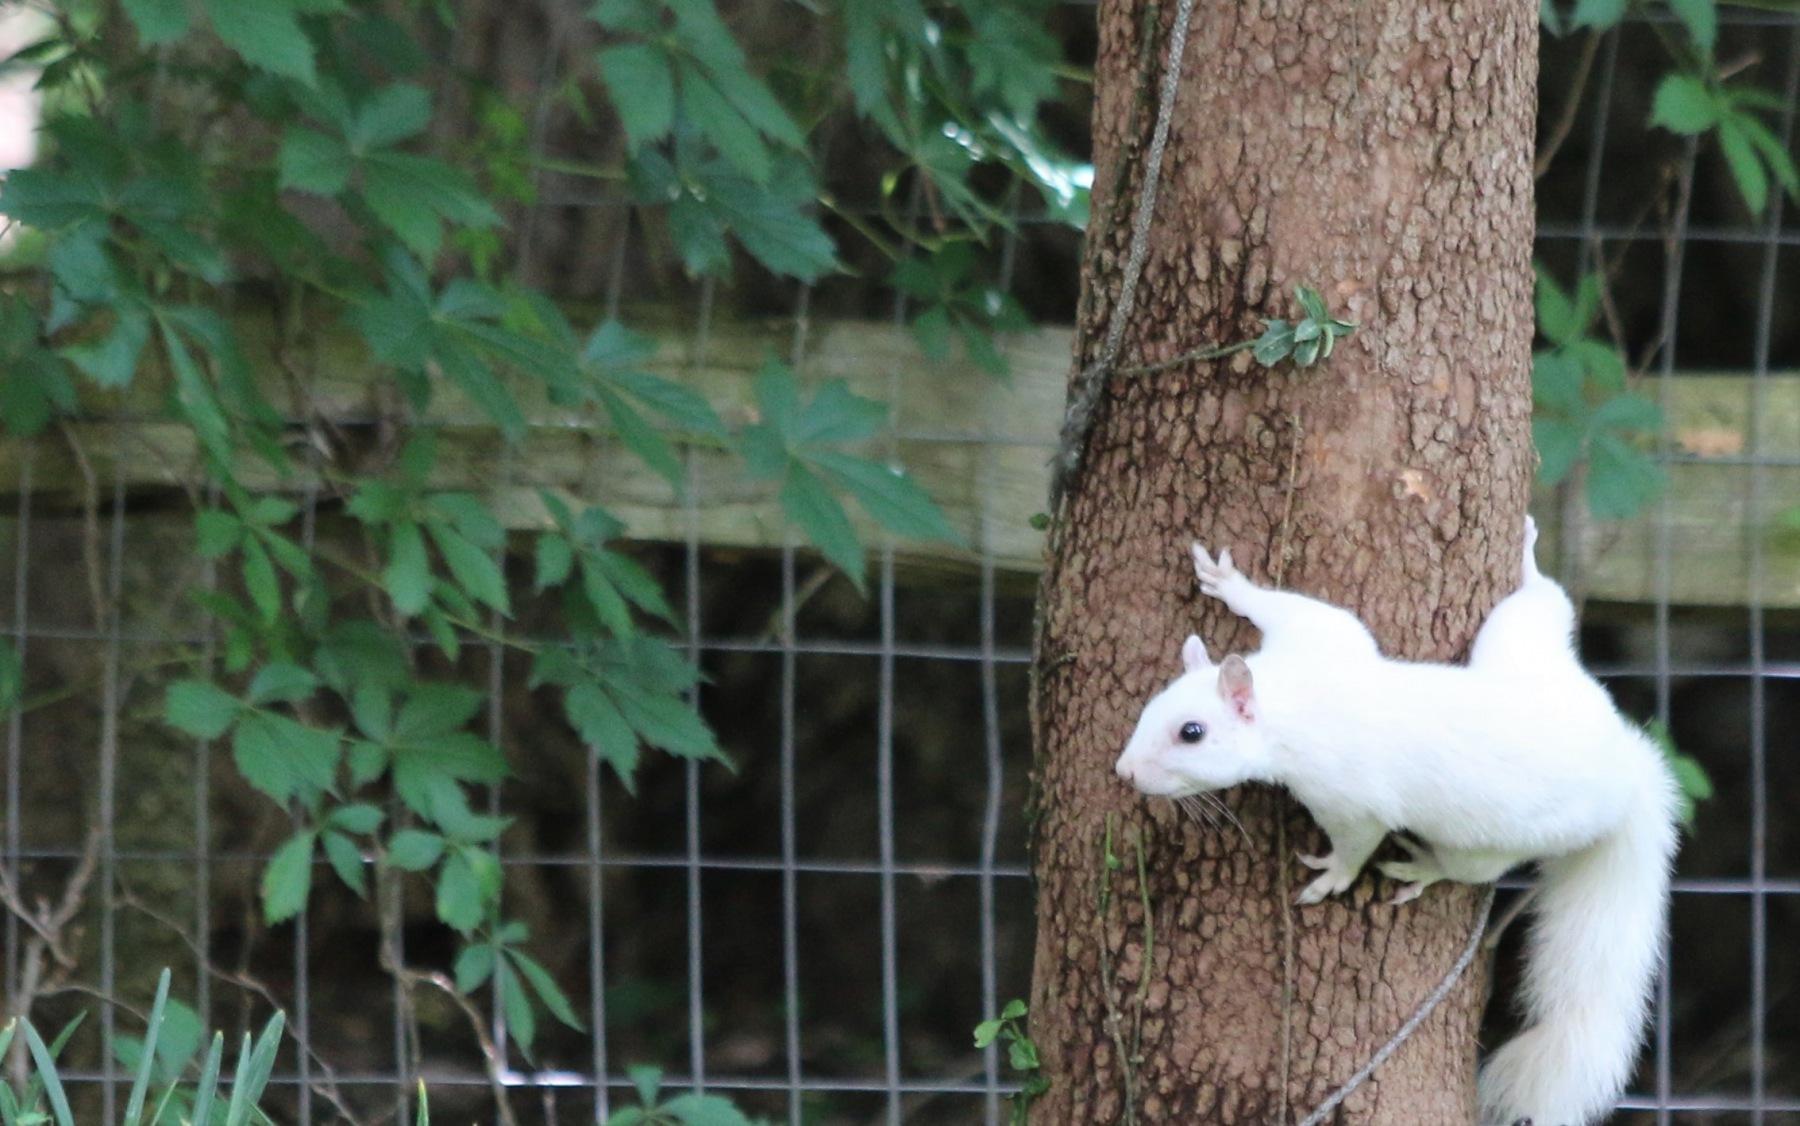 squirrel.JPG.1532300ae8cbb54018a957e491fef32f.JPG